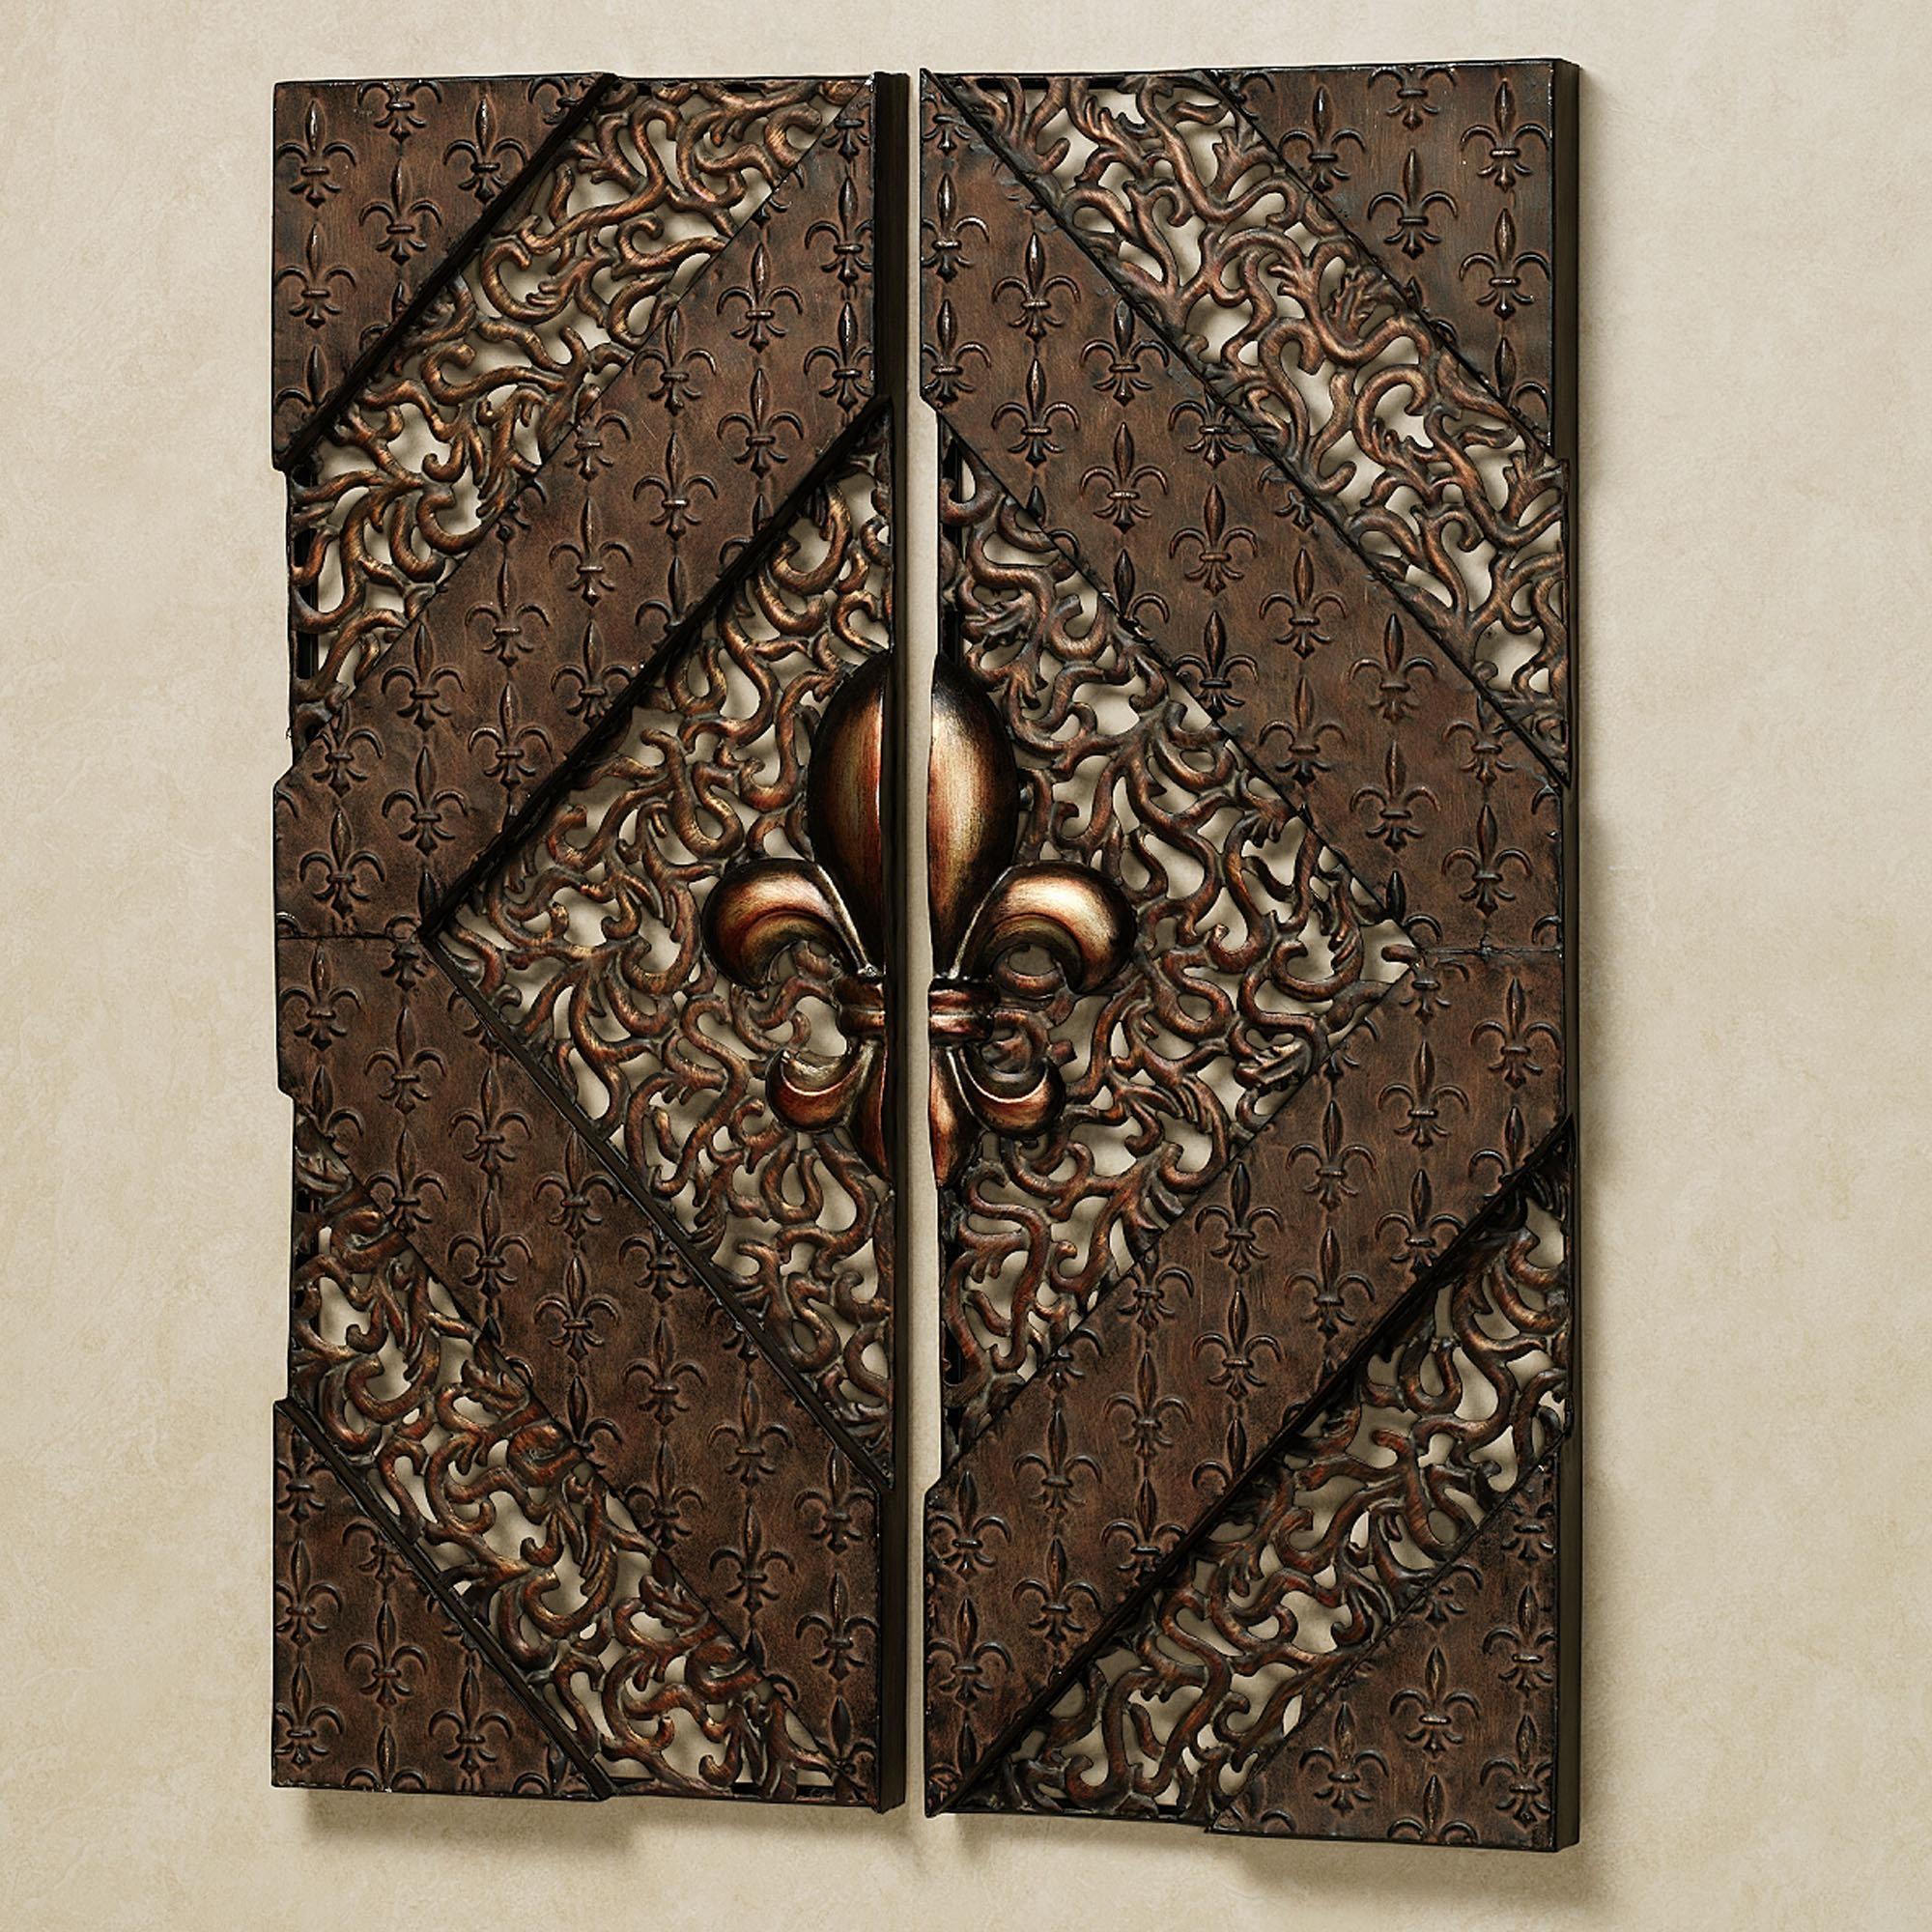 Fleur De Lis Metal Wall Decor Wood : Fleur De Lis Metal Wall Decor Throughout Wood And Iron Wall Art (View 10 of 20)